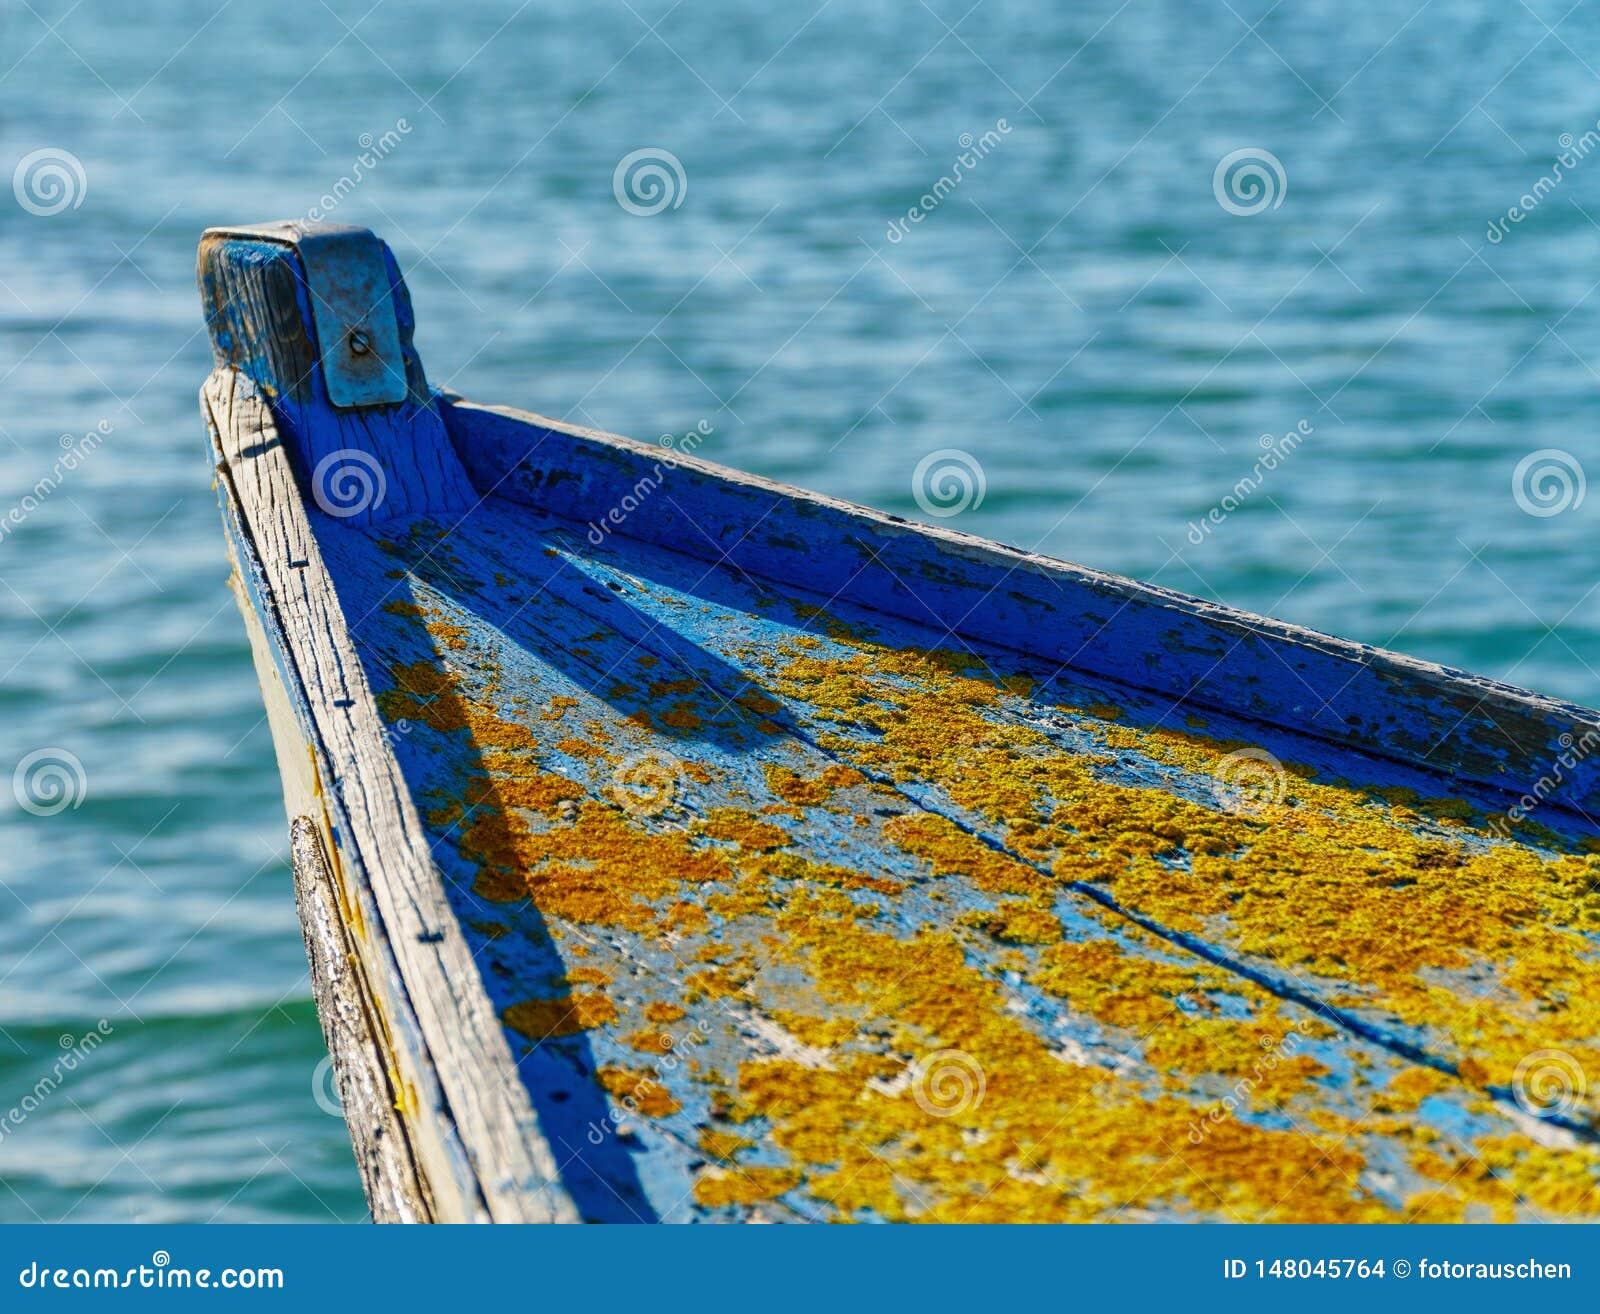 在老小船船身的特写镜头与金黄光亮的地衣